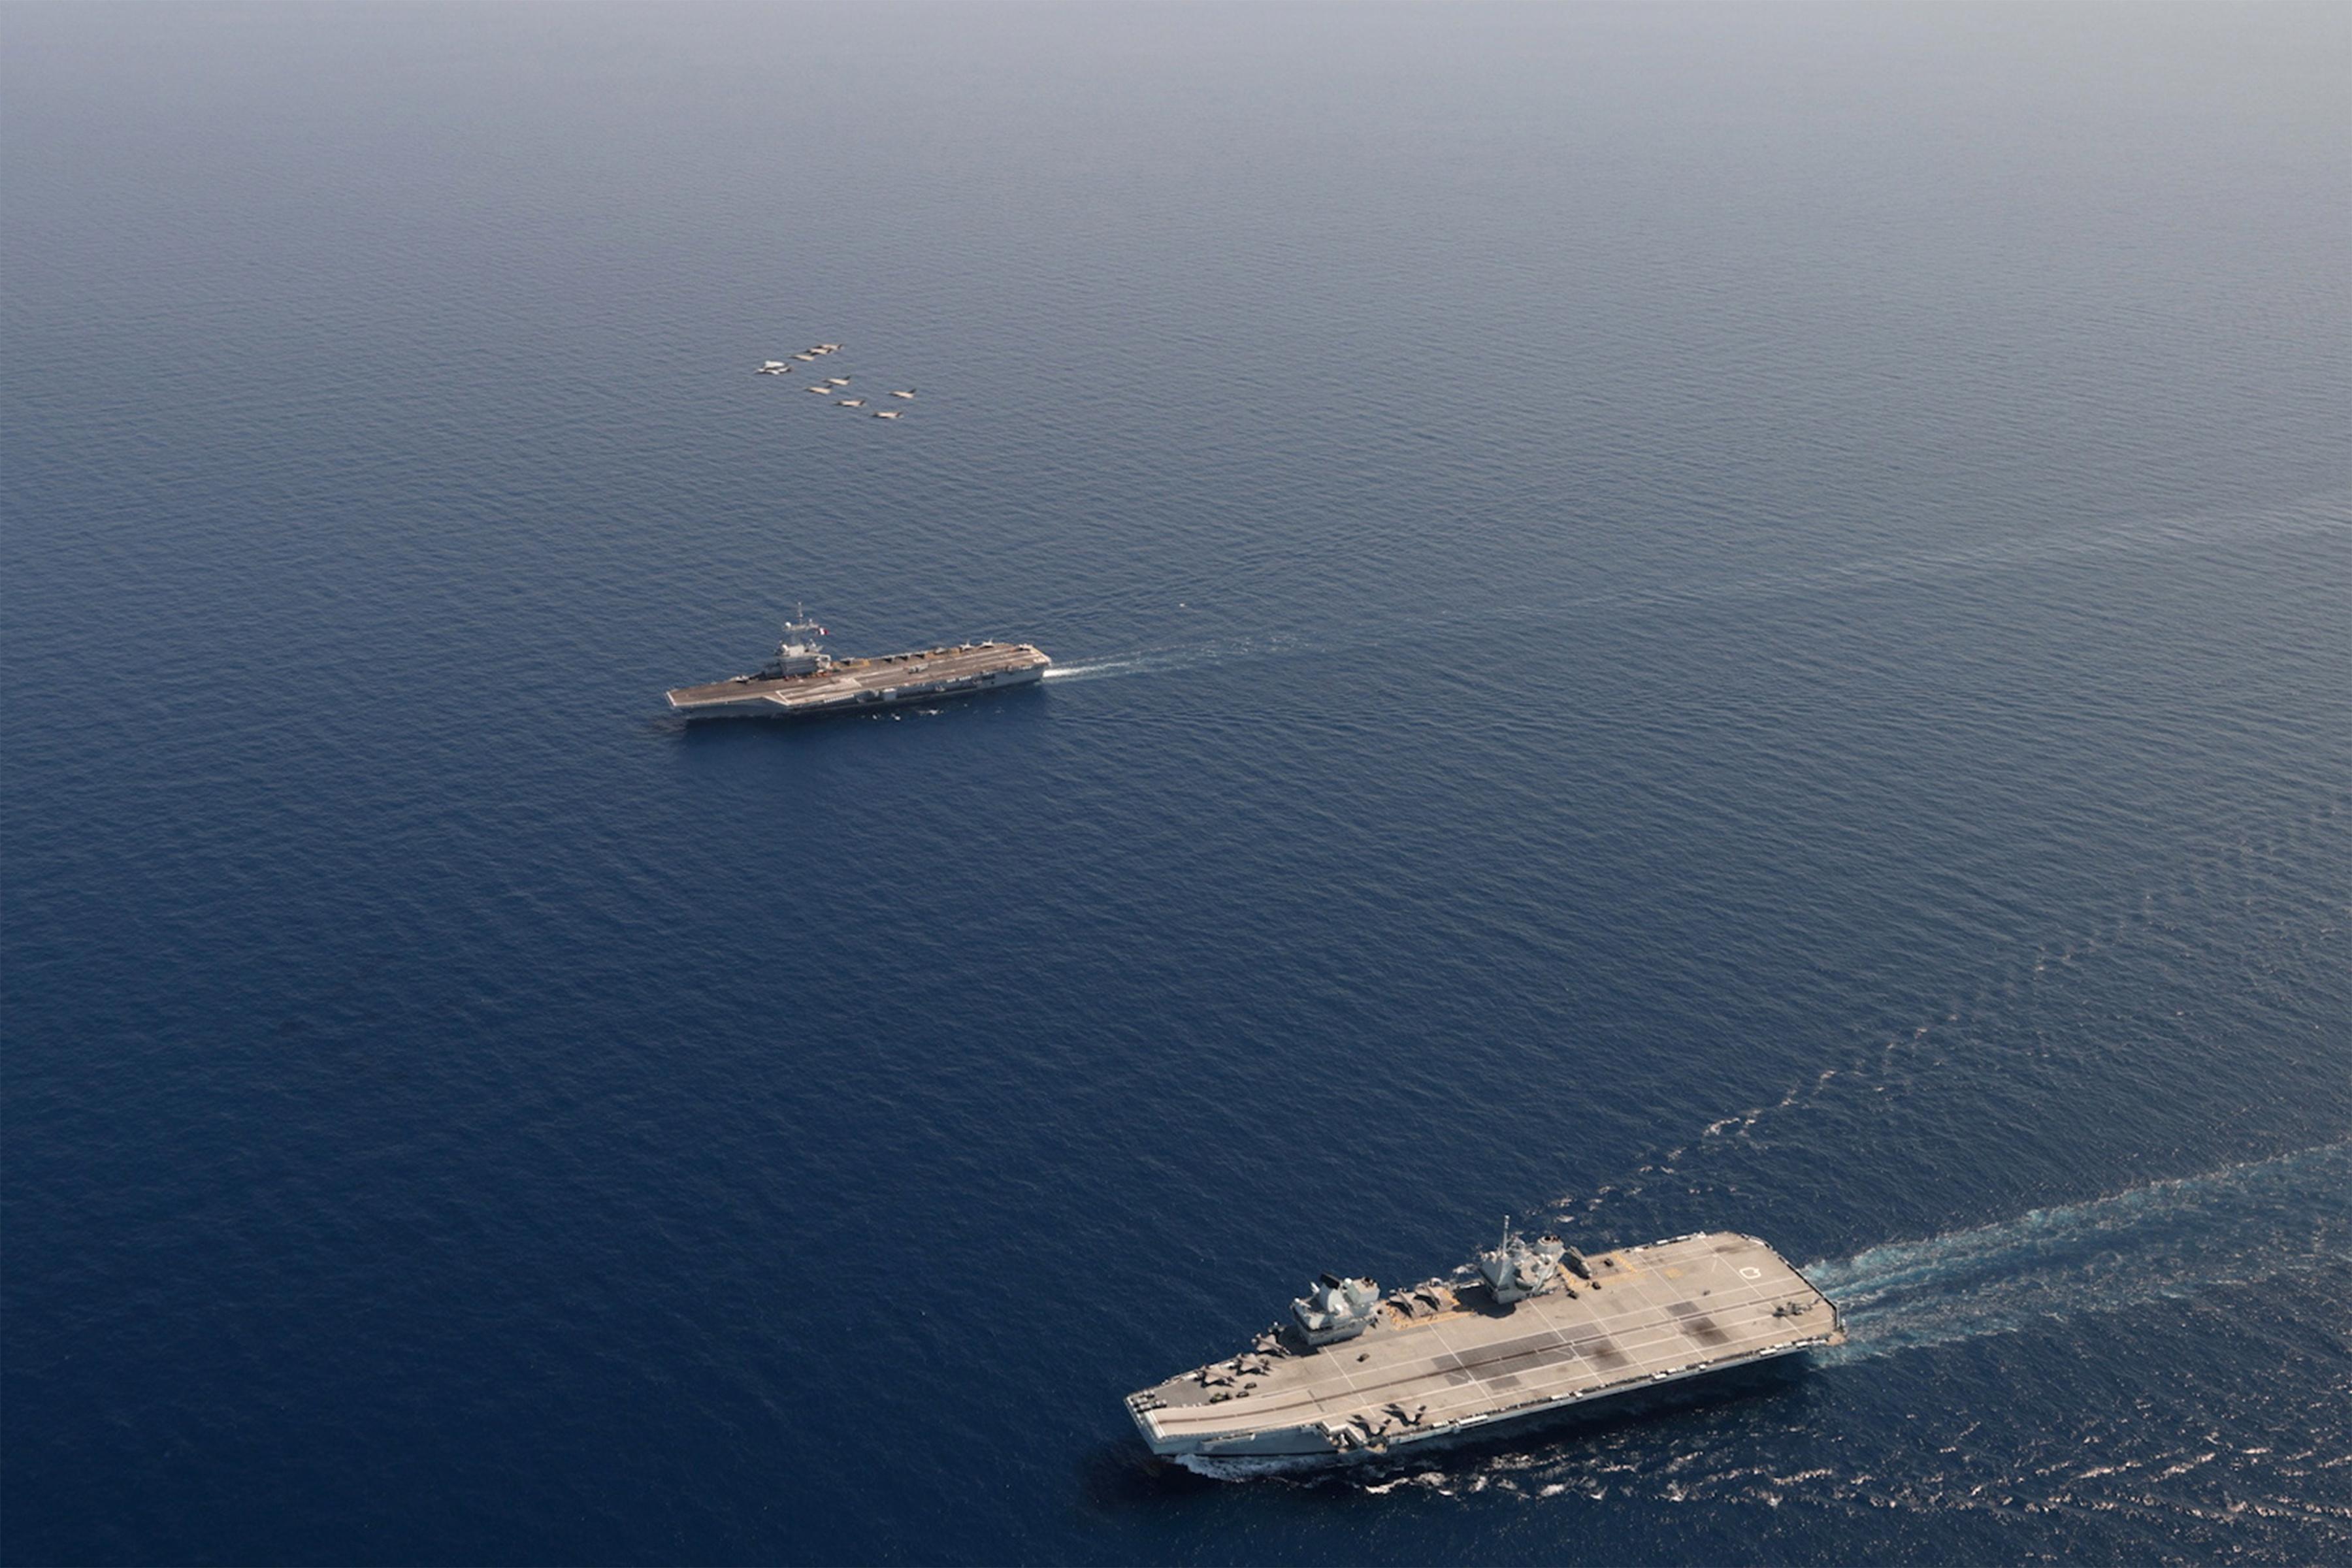 Les deux navires de guerre les plus puissants d'Europe se sont rencontrés en Méditerranée E3BSQd6X0AI7P1H?format=jpg&name=4096x4096